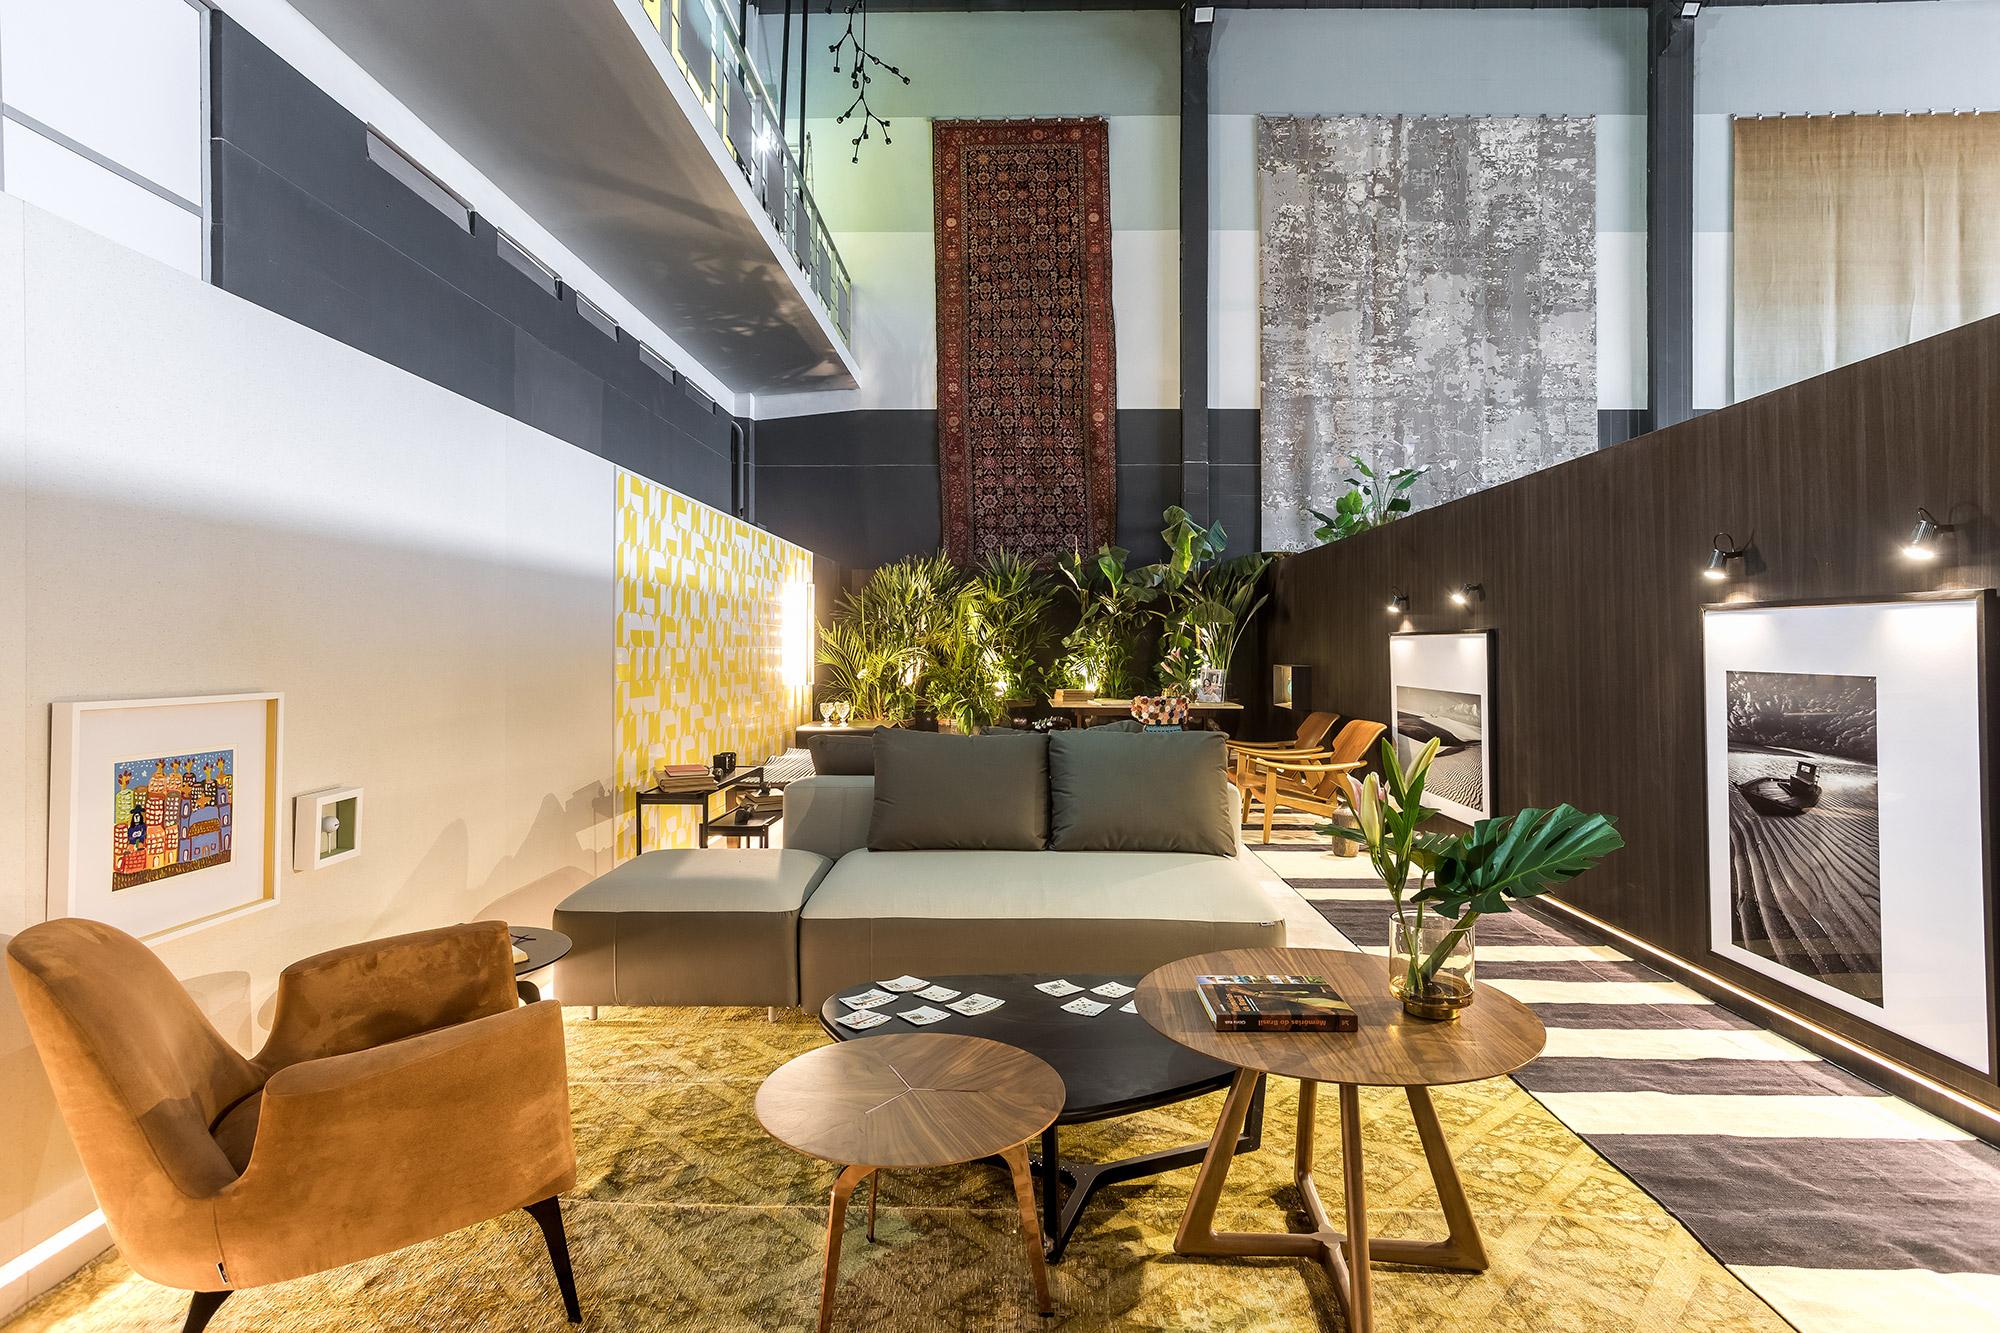 Decompression Room Luciana Gibaile CASACOR Paraná 2021 sala estar decoração artesanato